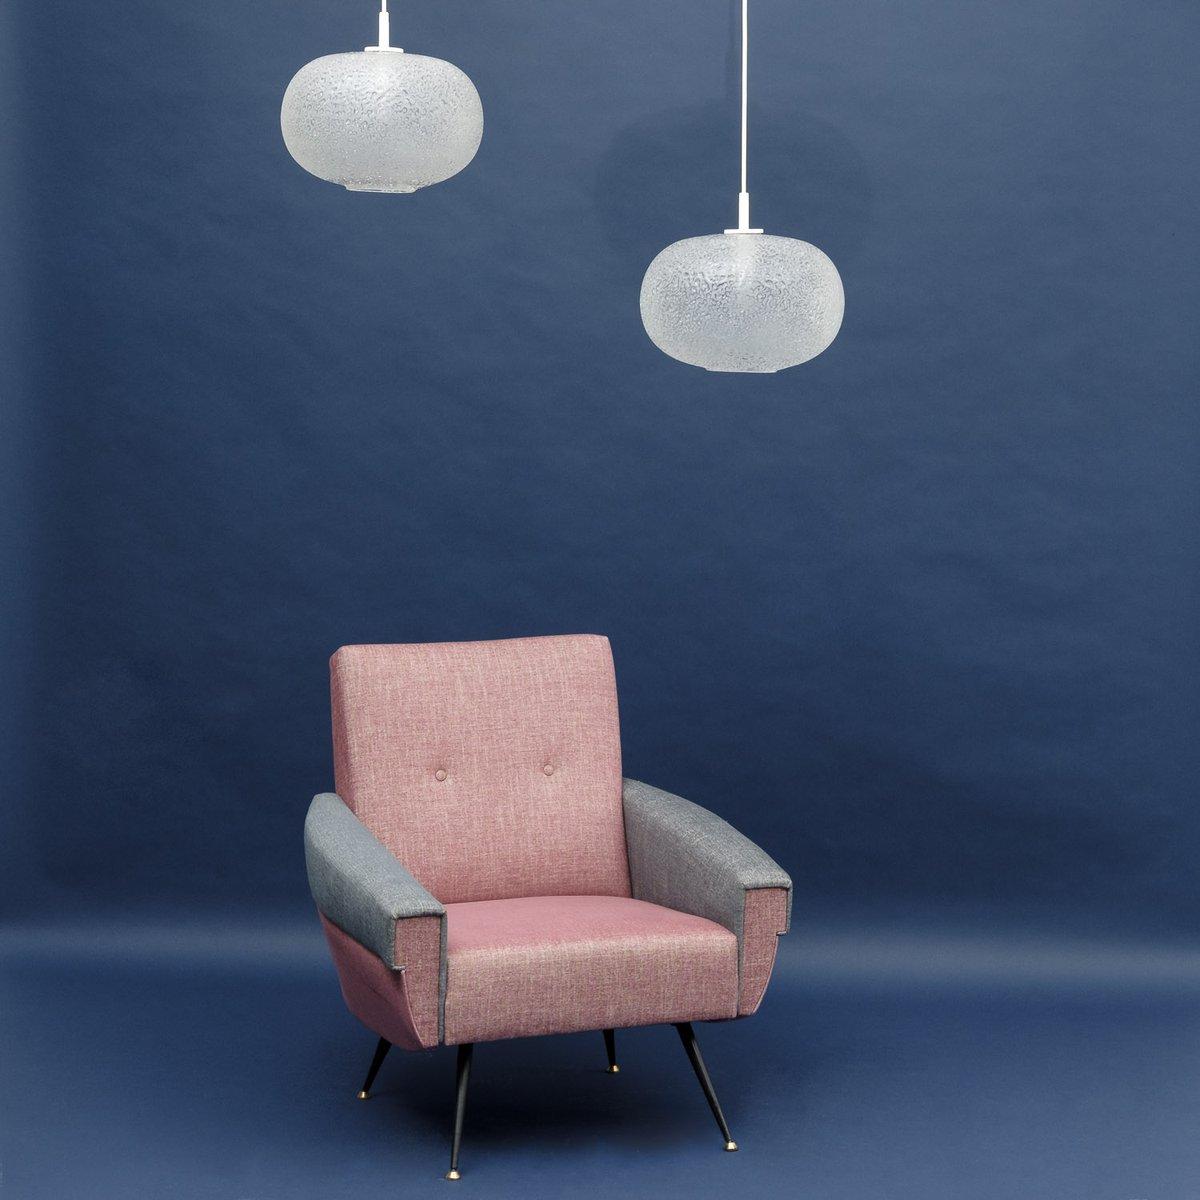 gro e h ngelampe von doria leuchten 1970er bei pamono kaufen. Black Bedroom Furniture Sets. Home Design Ideas